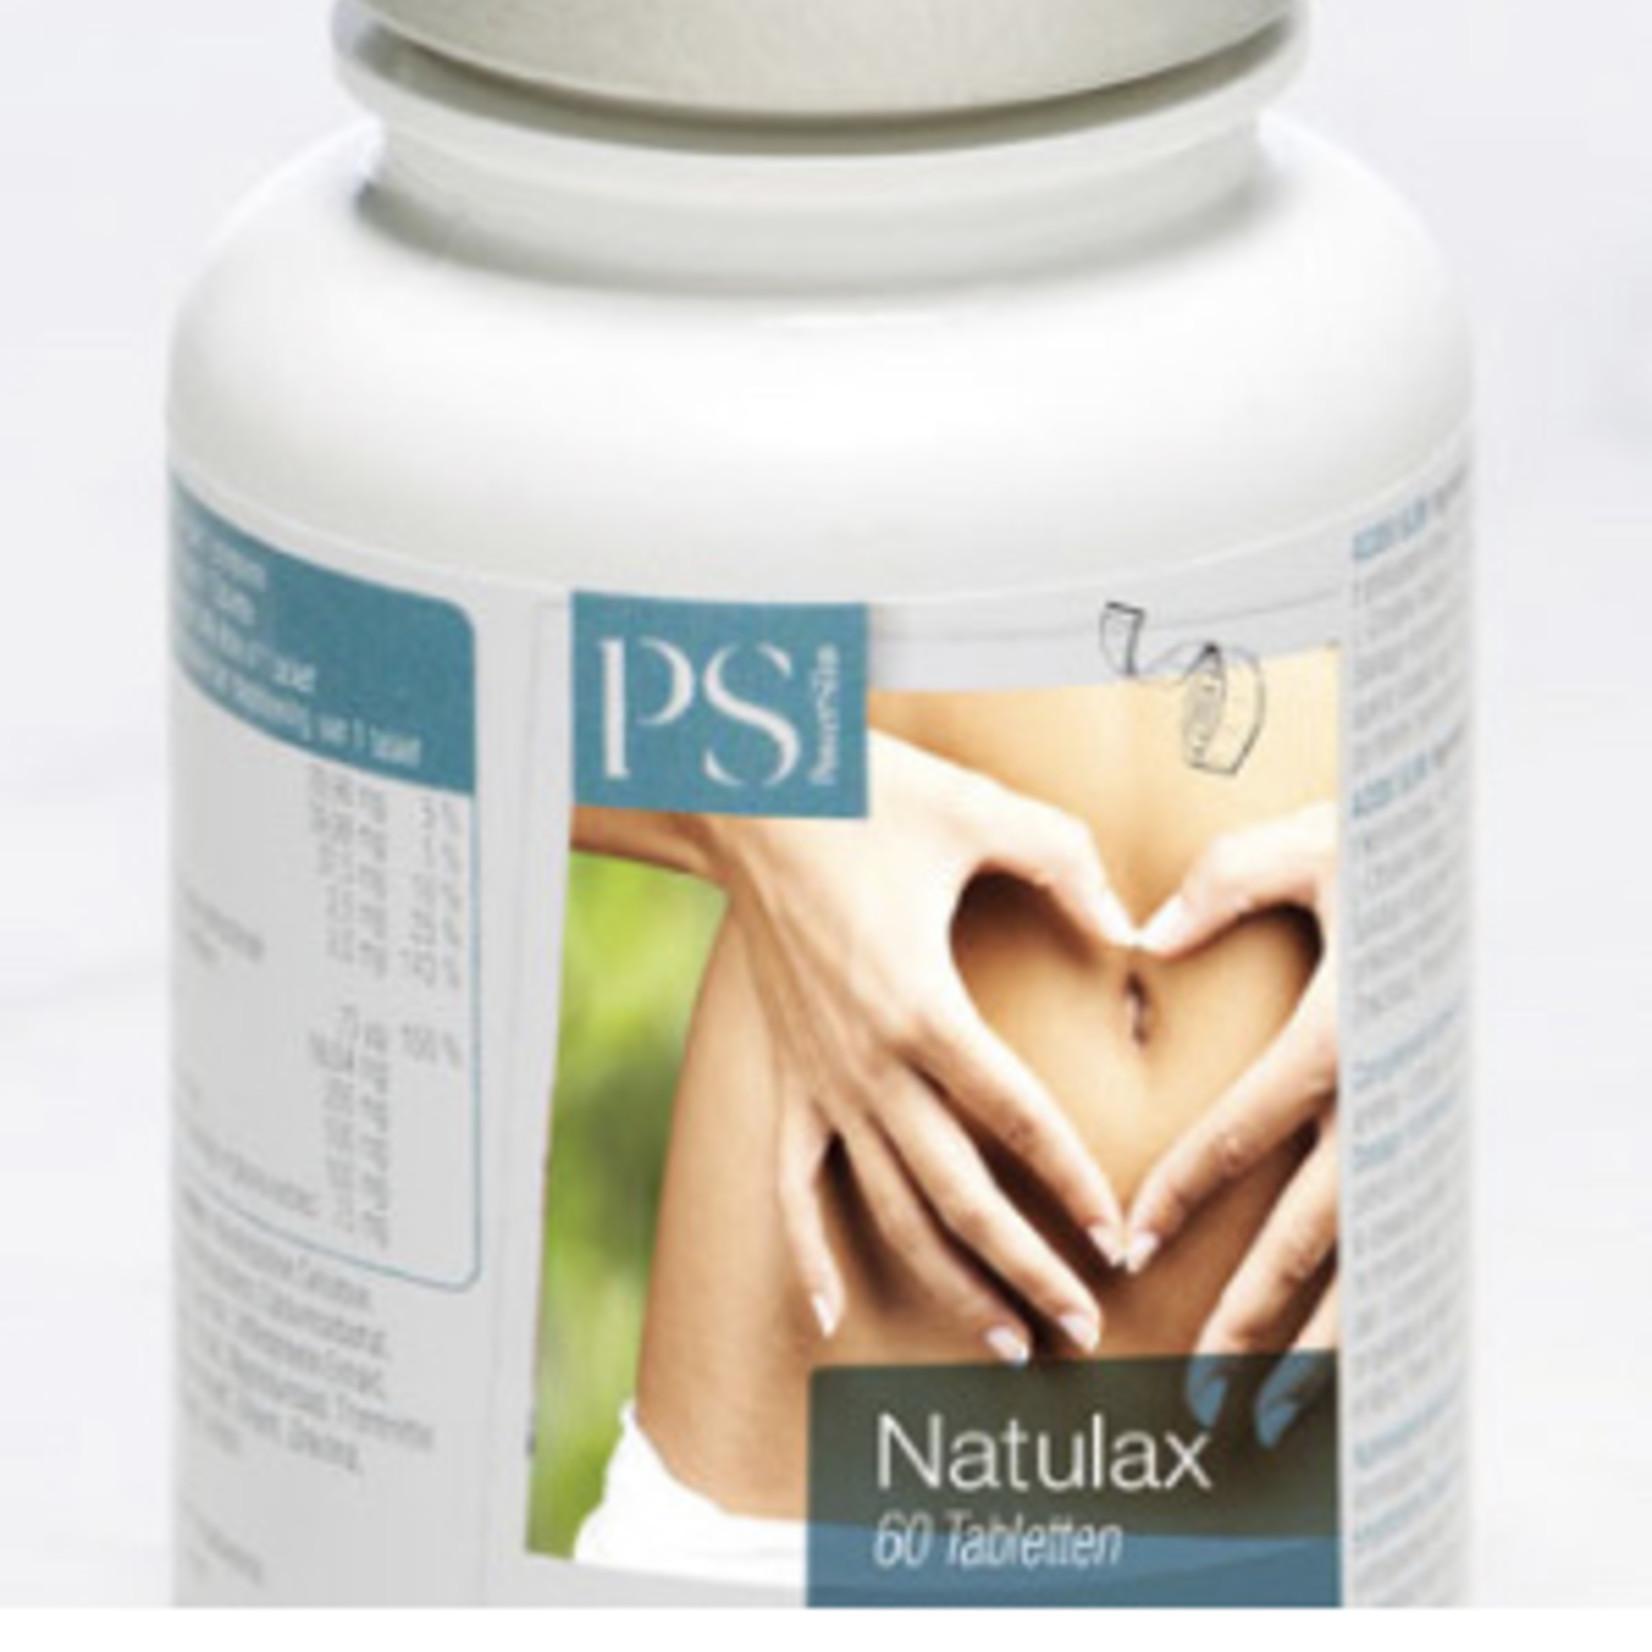 Powerslim PS09005 Natulax